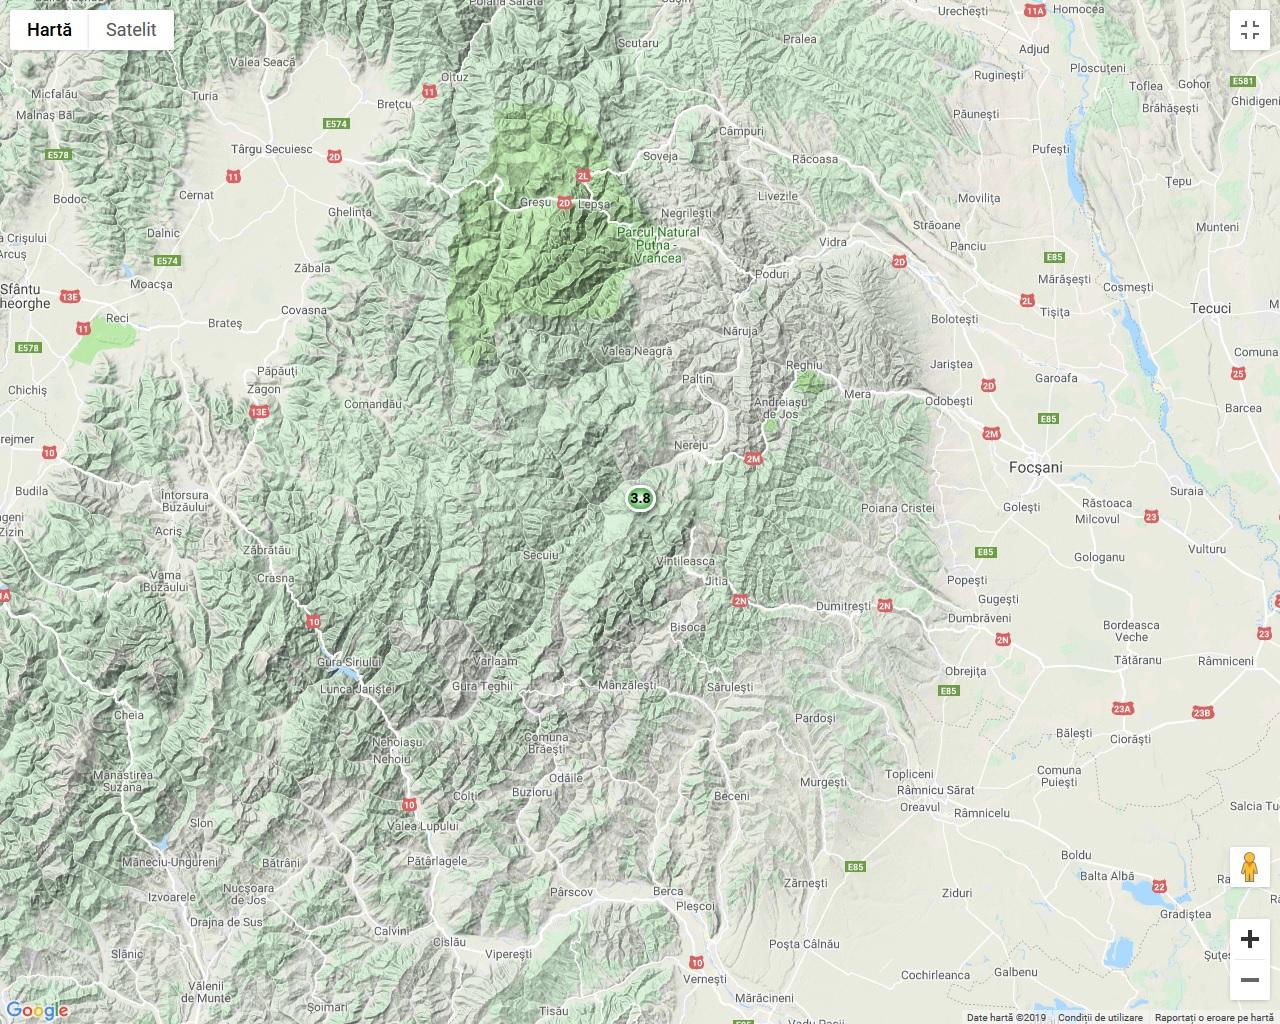 Cutremur Cu Magnitudinea De 3 8 Grade In Regiunea Vrancea